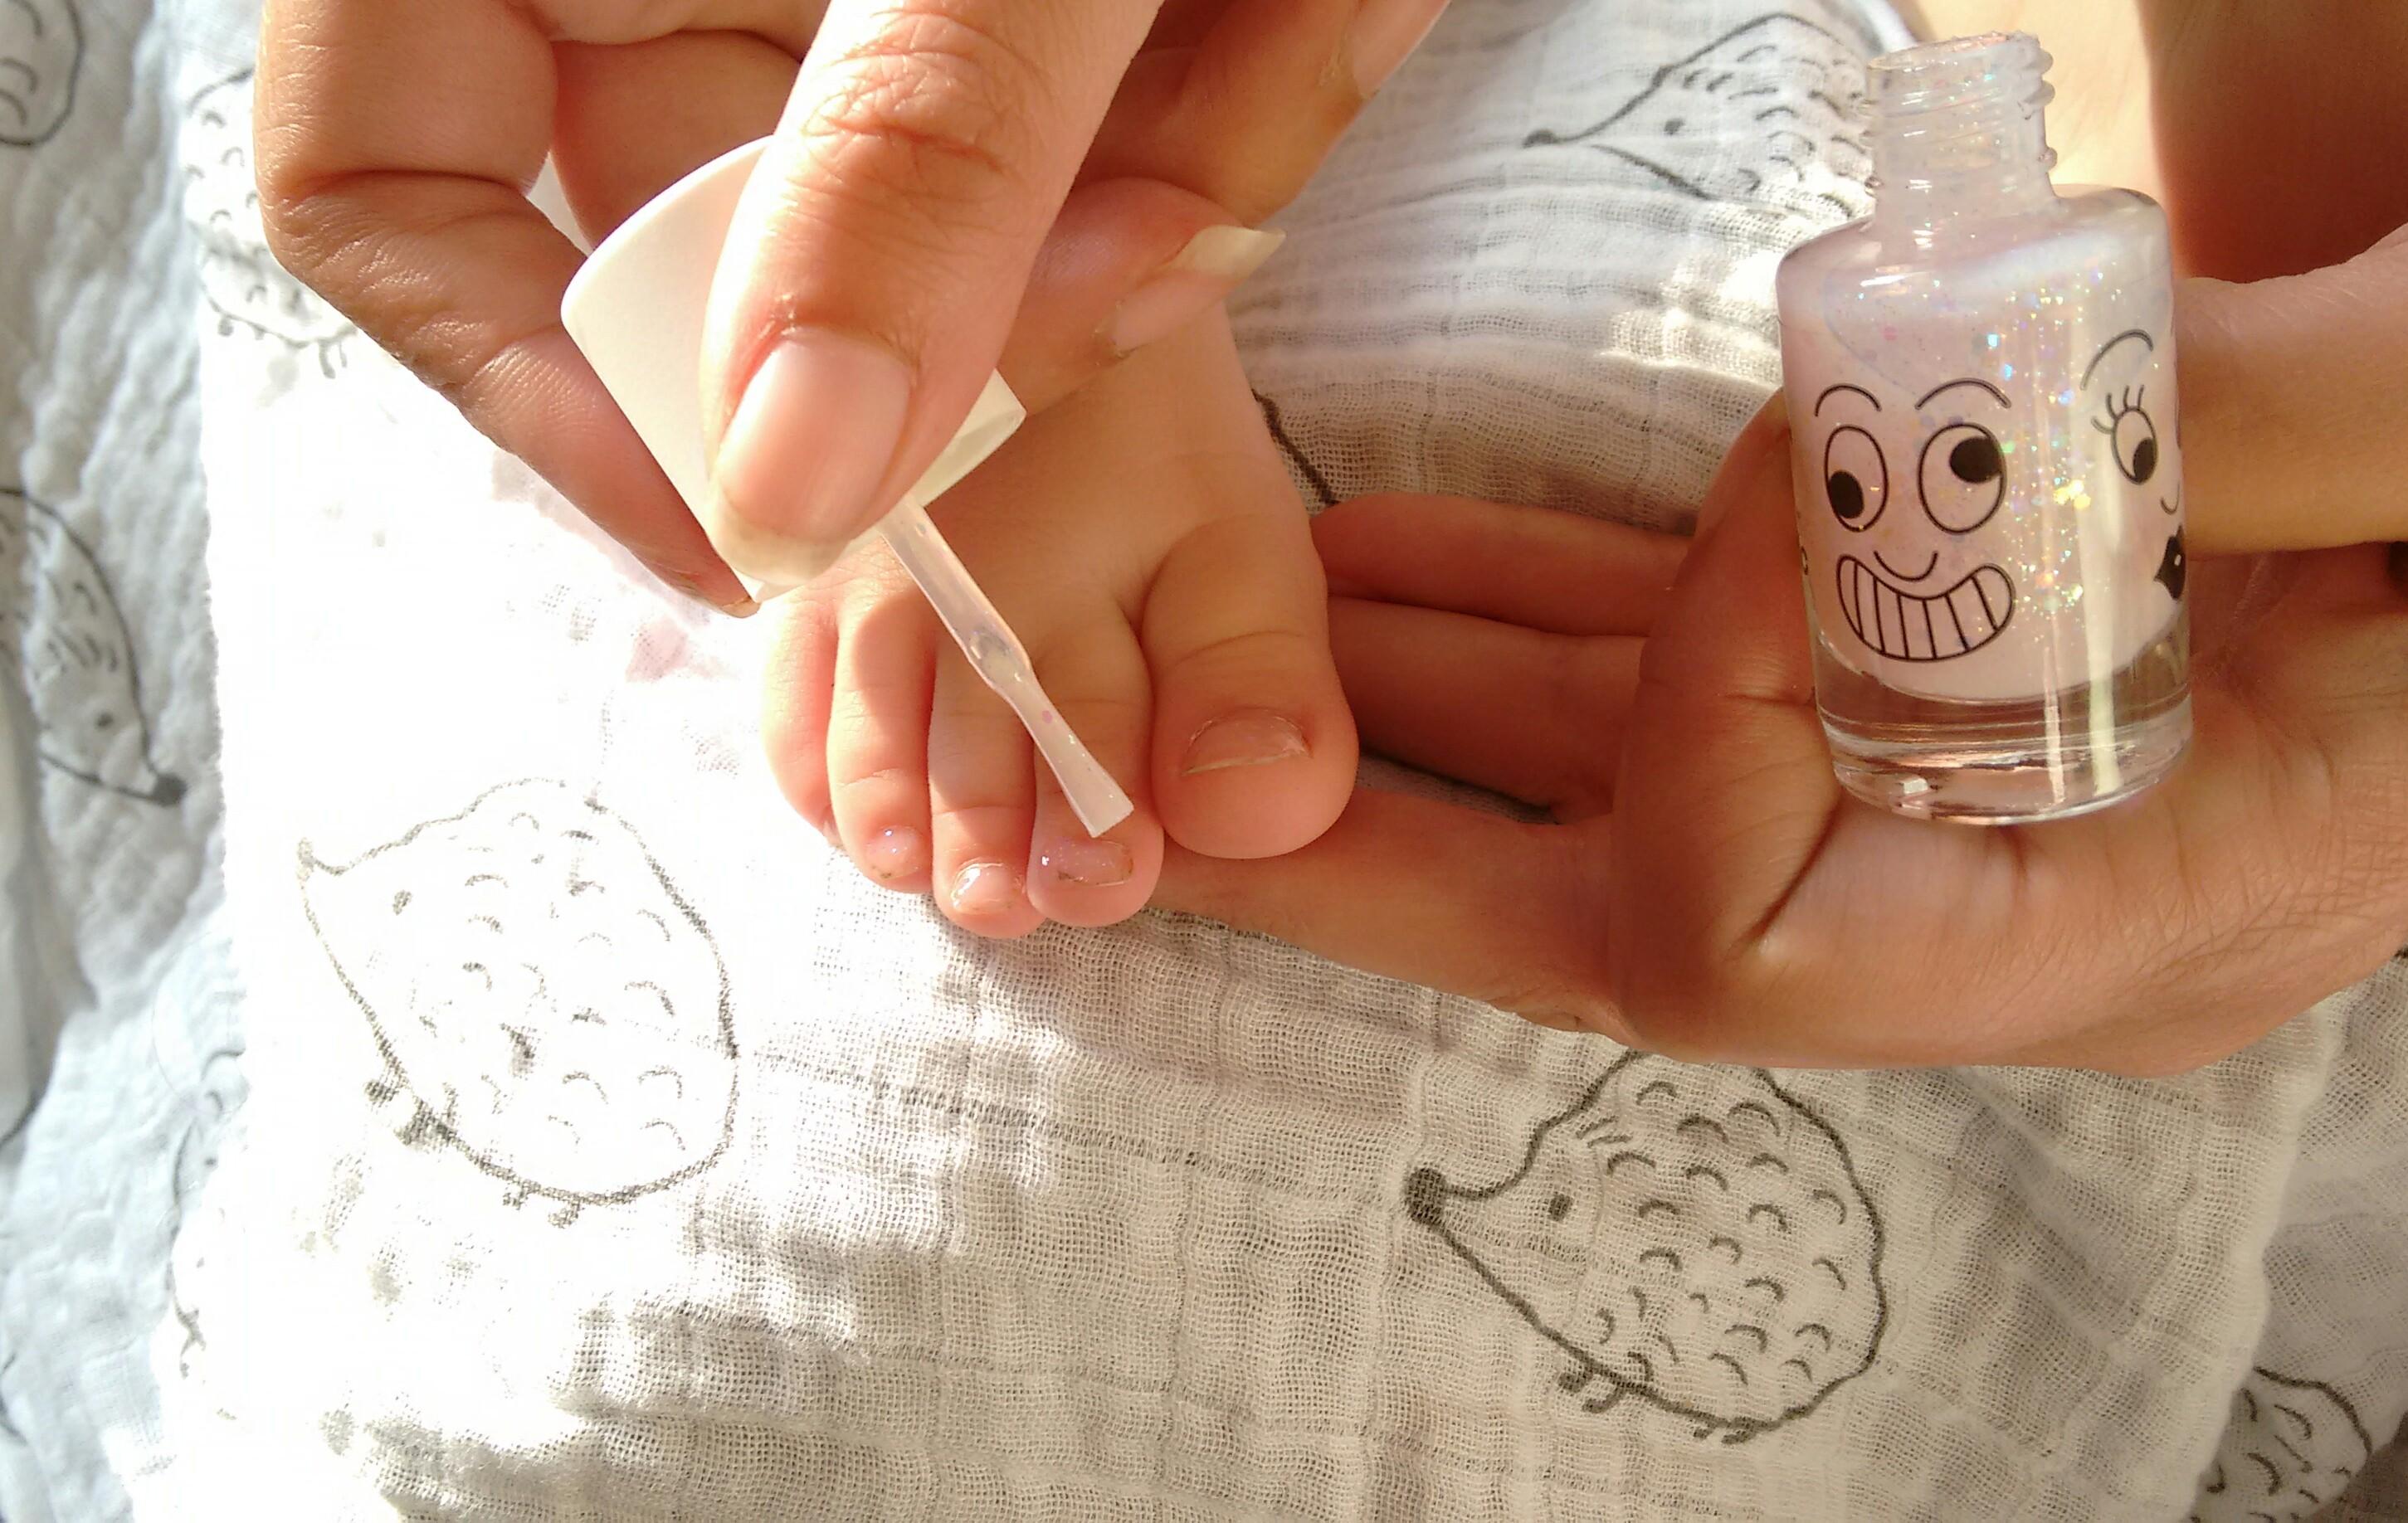 Non toxic nail varnish for kids